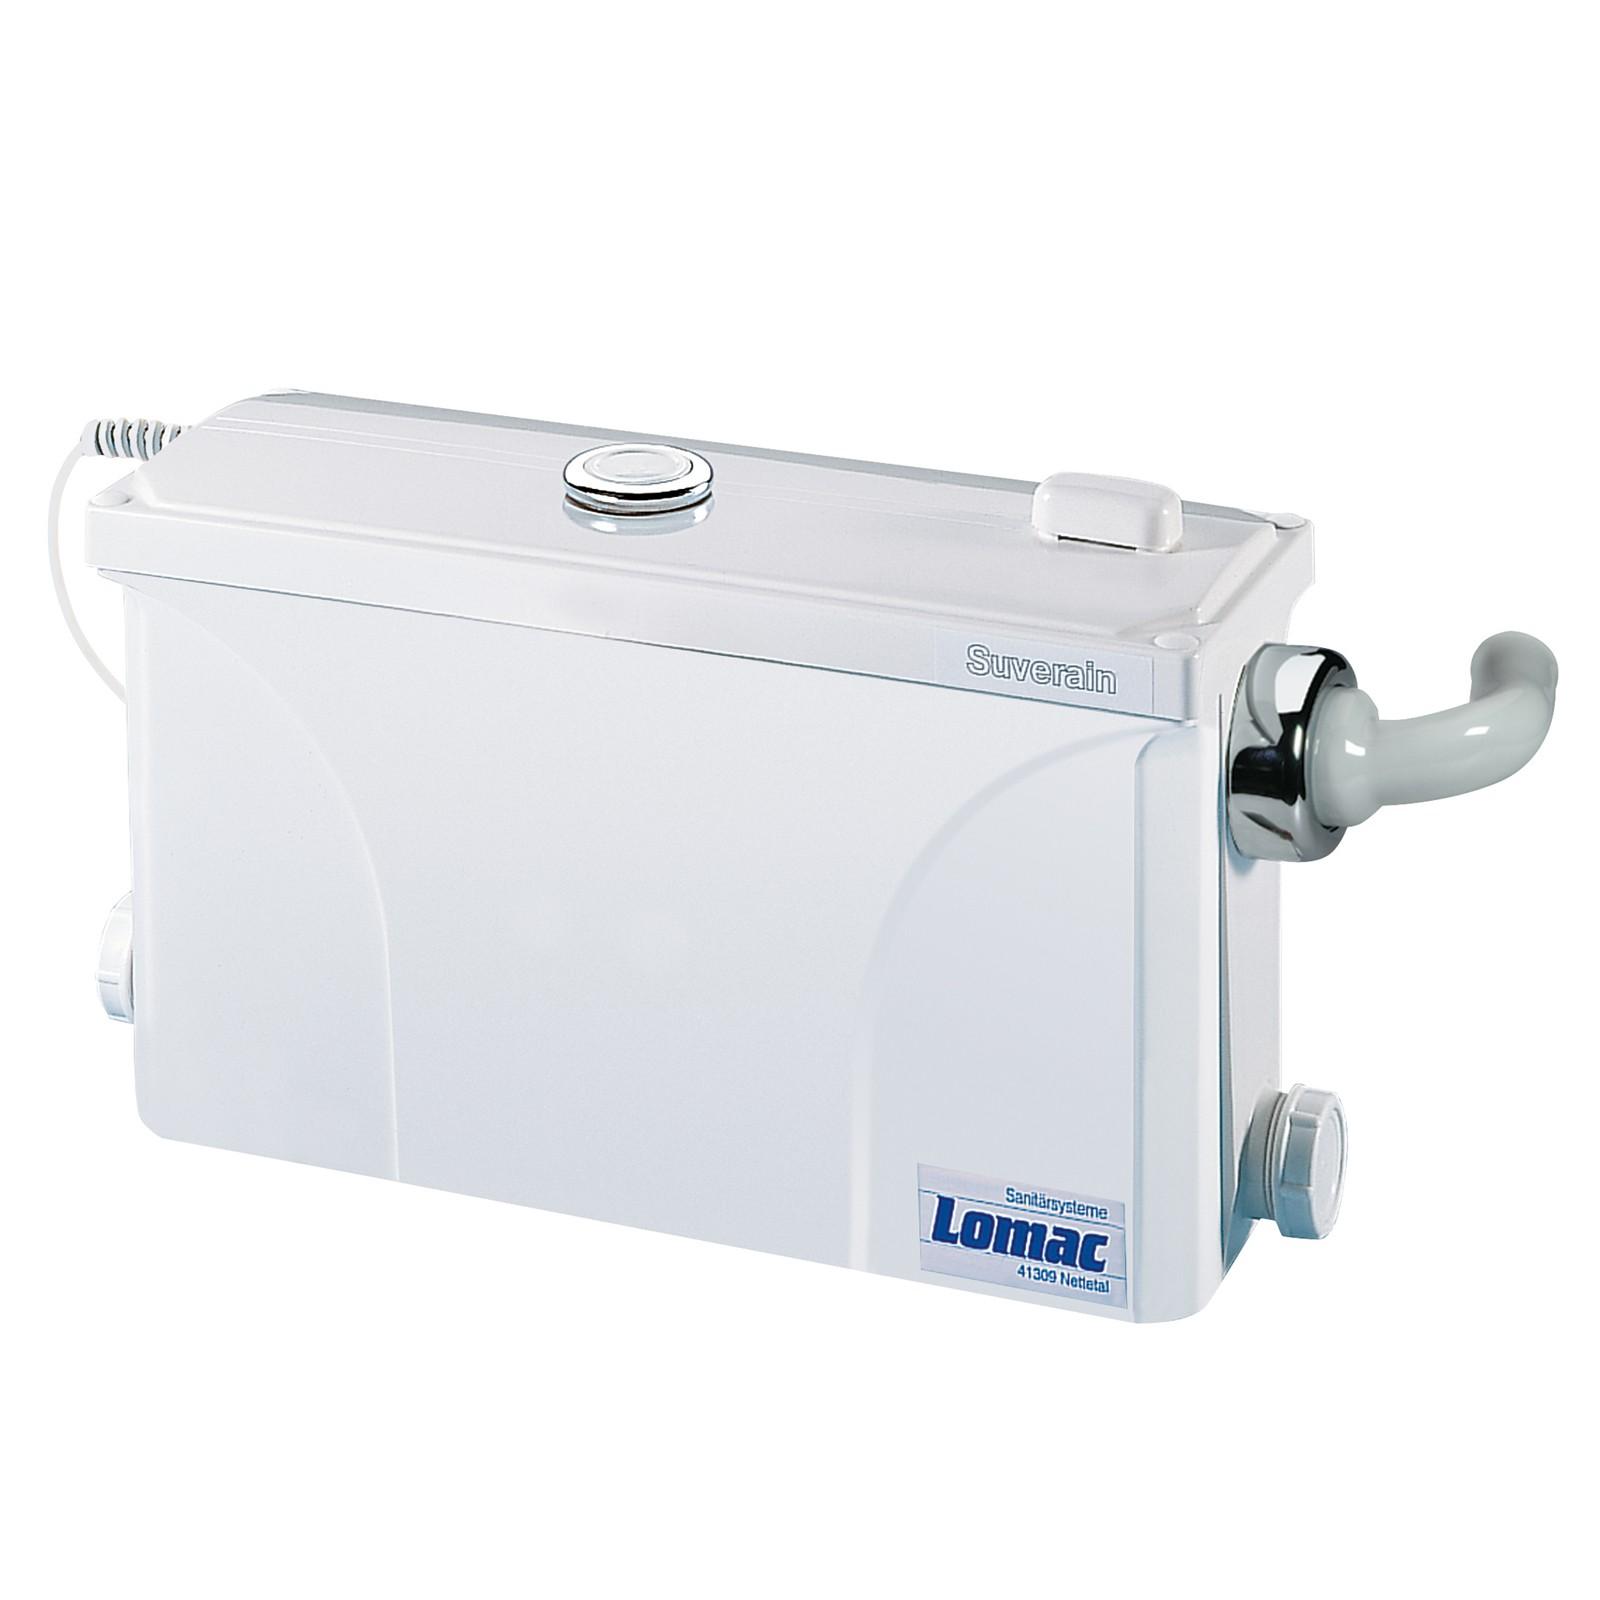 lomac suverain 30 ffa a waschbecken hebeanlage abwasser schmutzwasser pumpe ebay. Black Bedroom Furniture Sets. Home Design Ideas